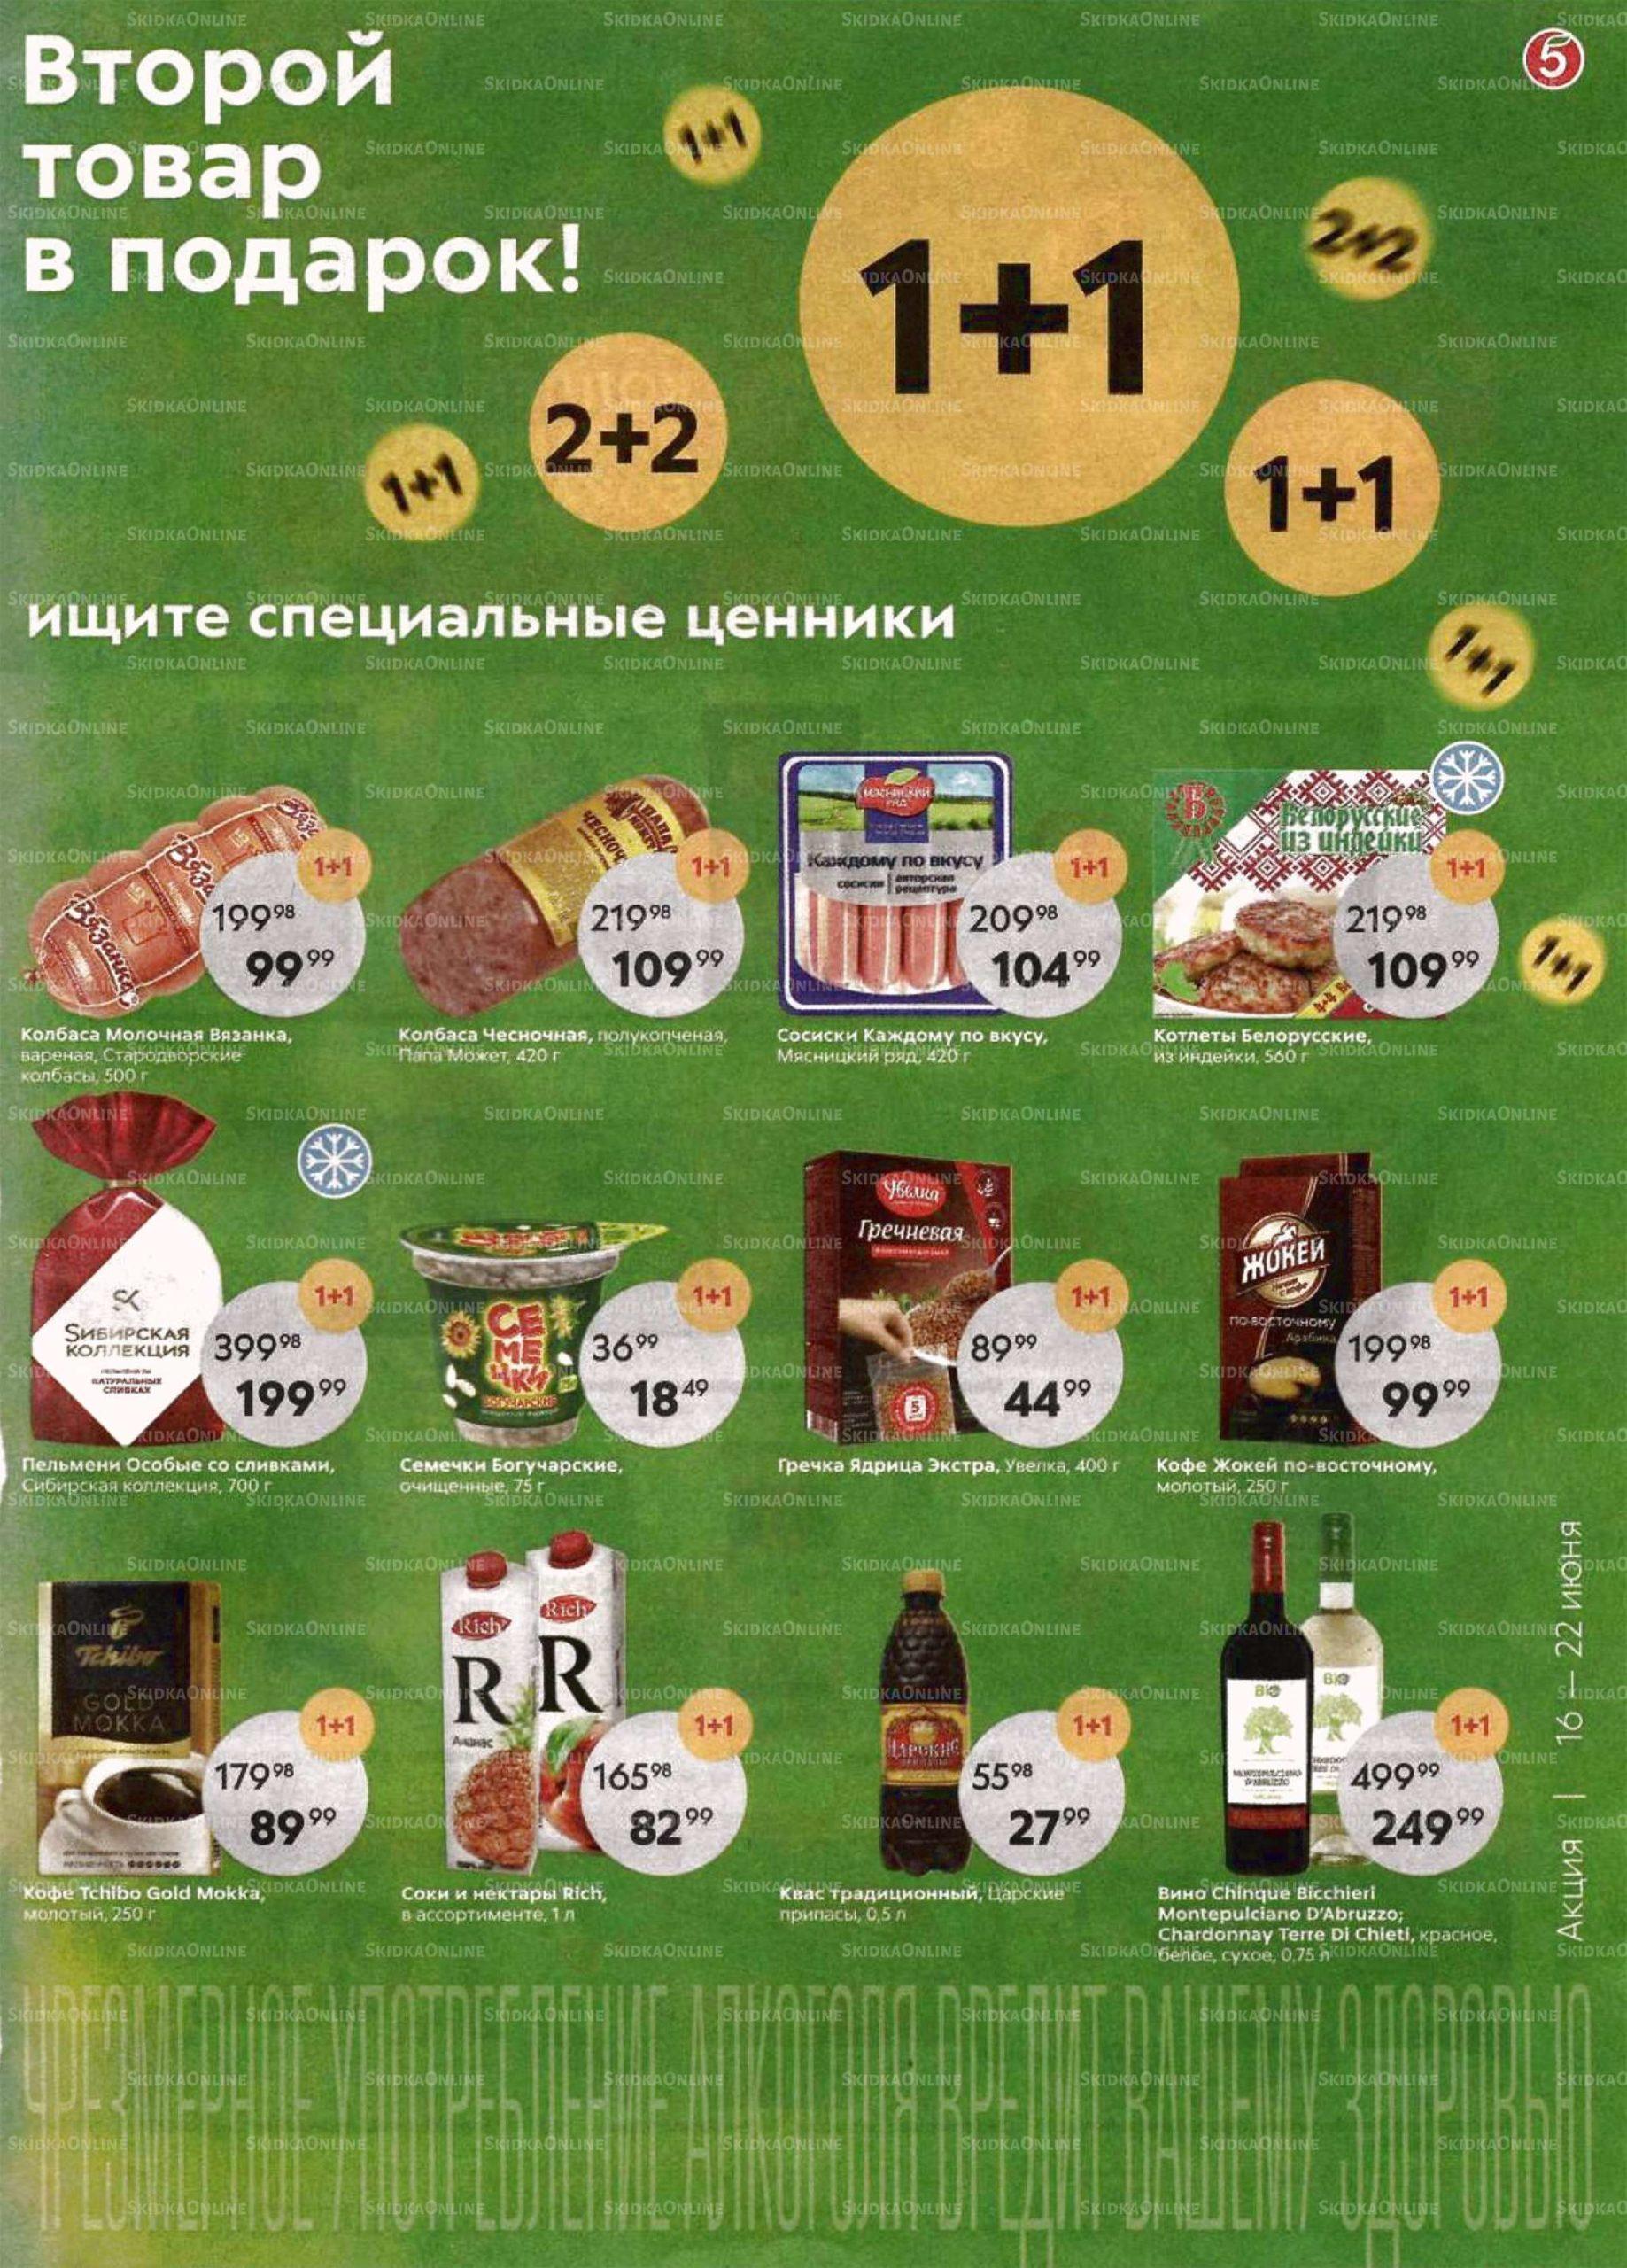 Акции в Пятёрочке с 16 по 22 июня 2020 года